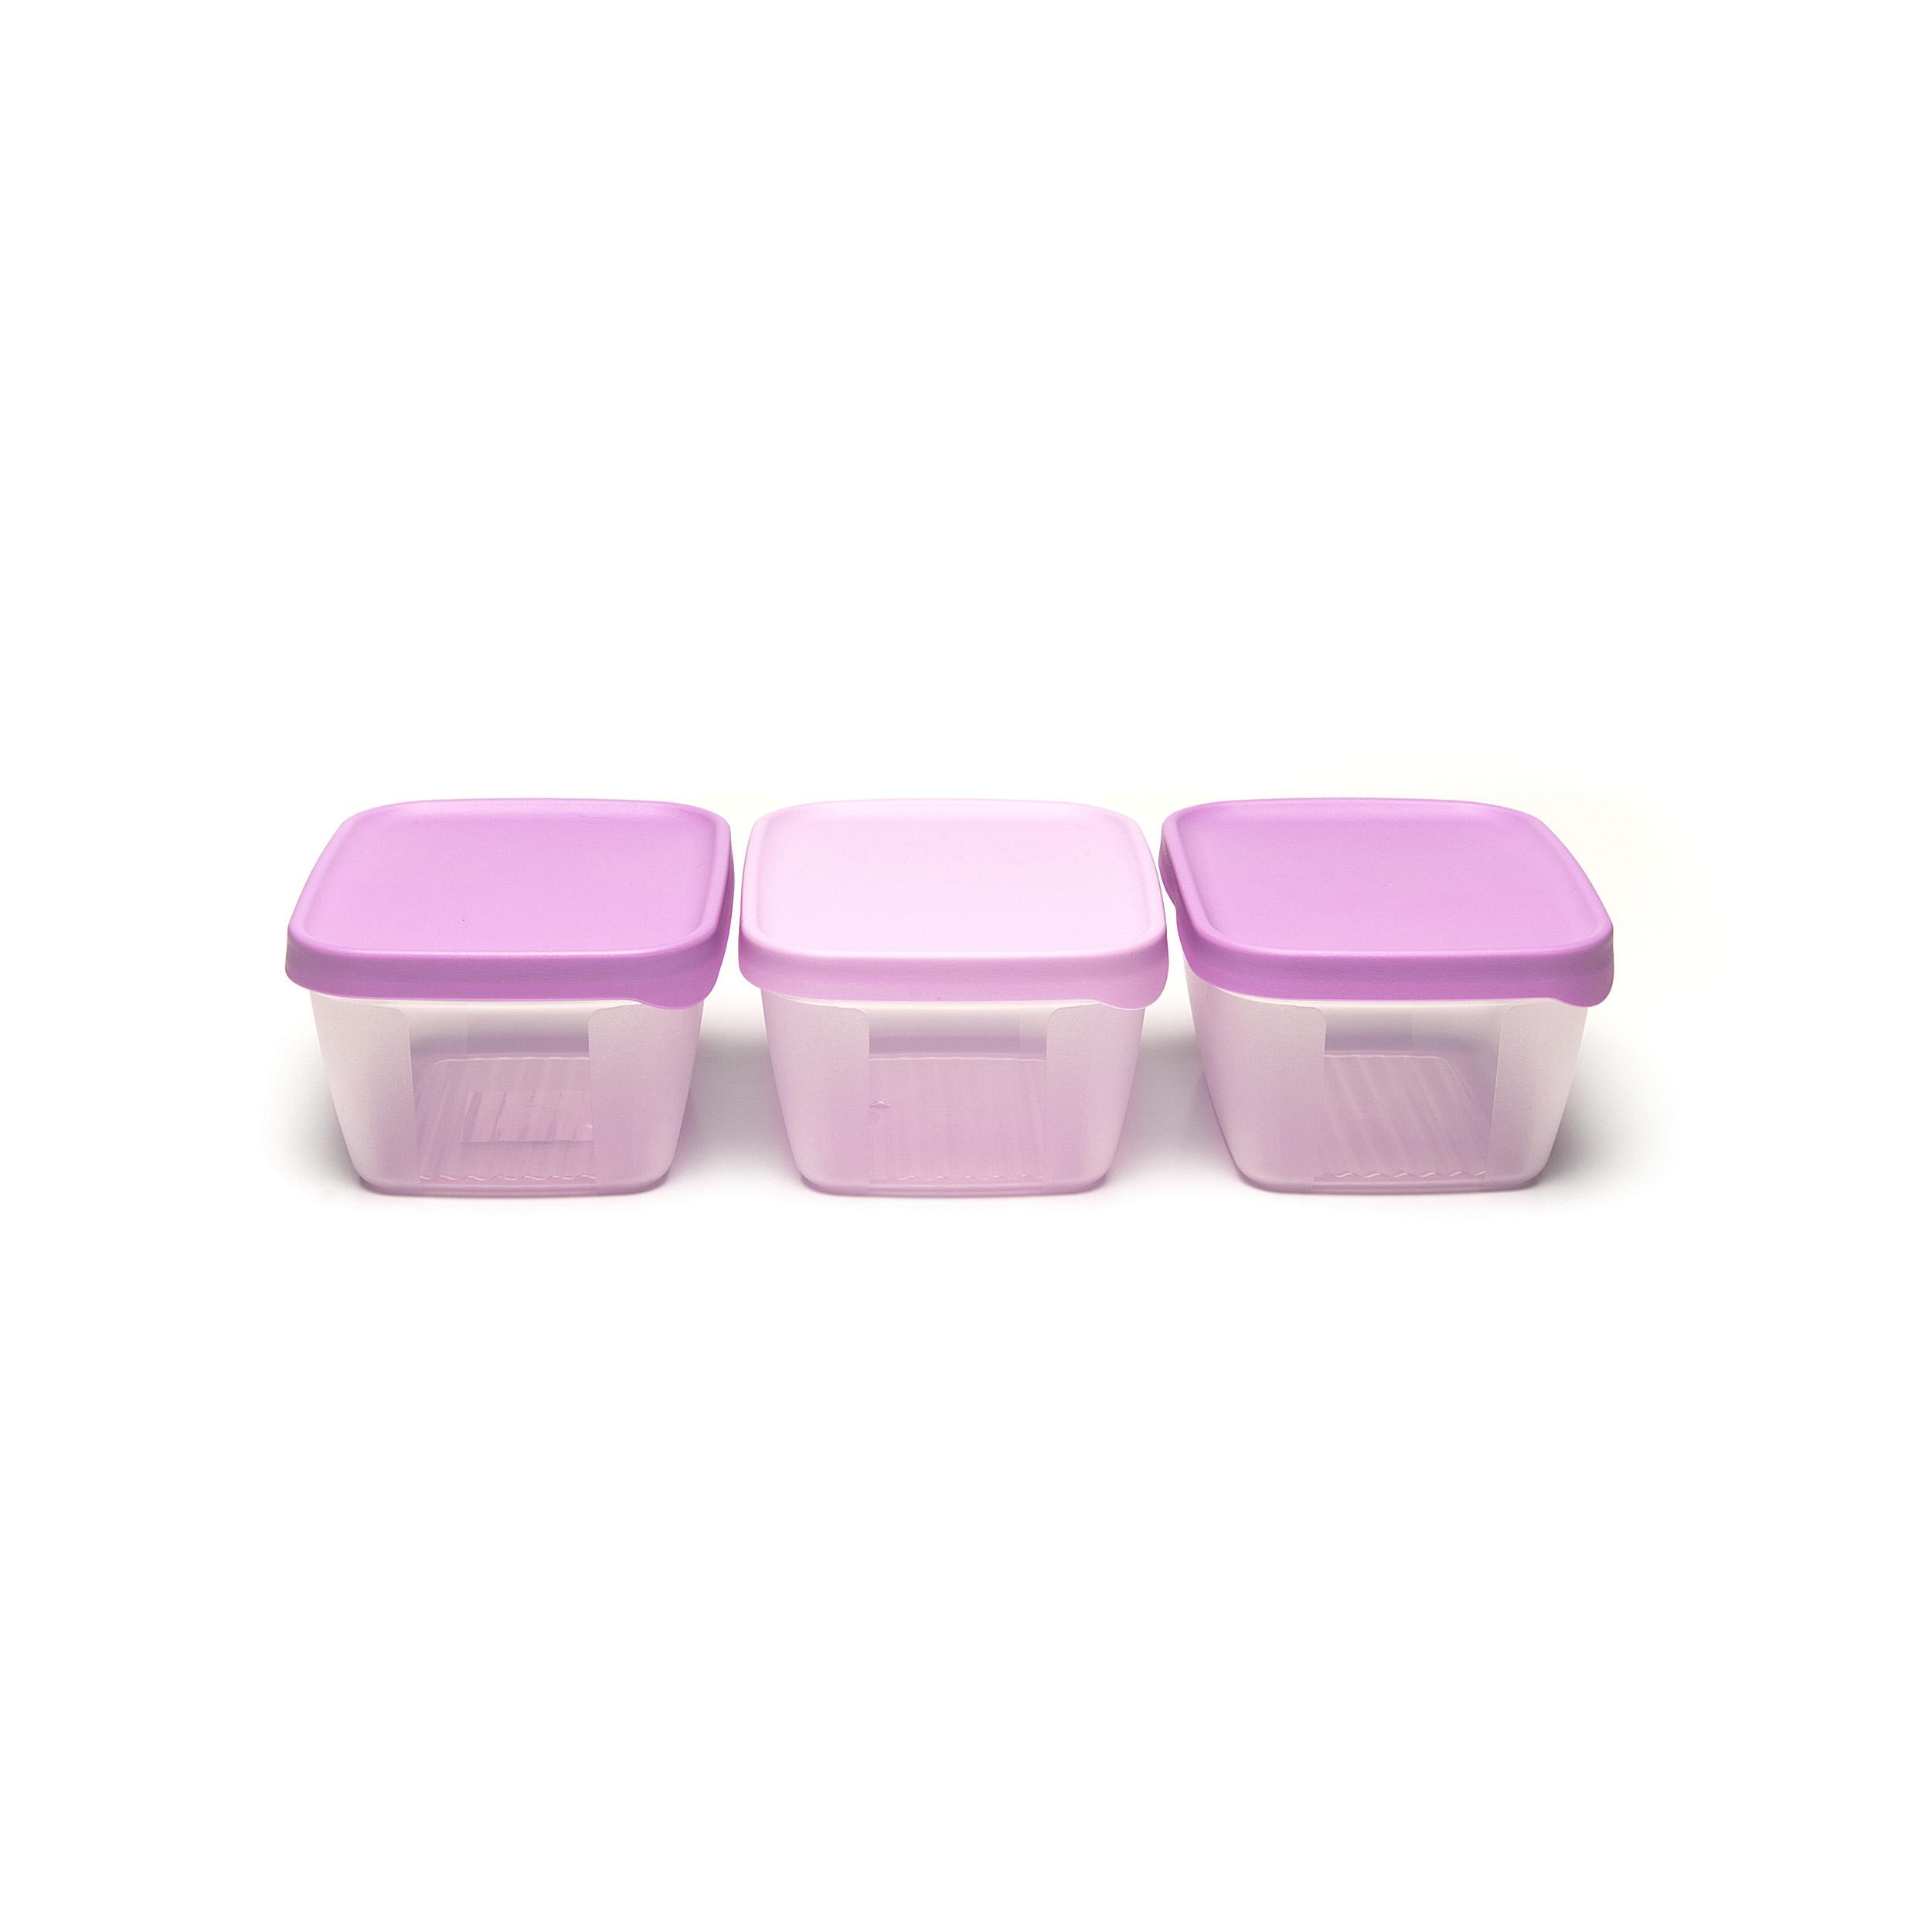 Hibiscus Pink/Satin Pink A-000101